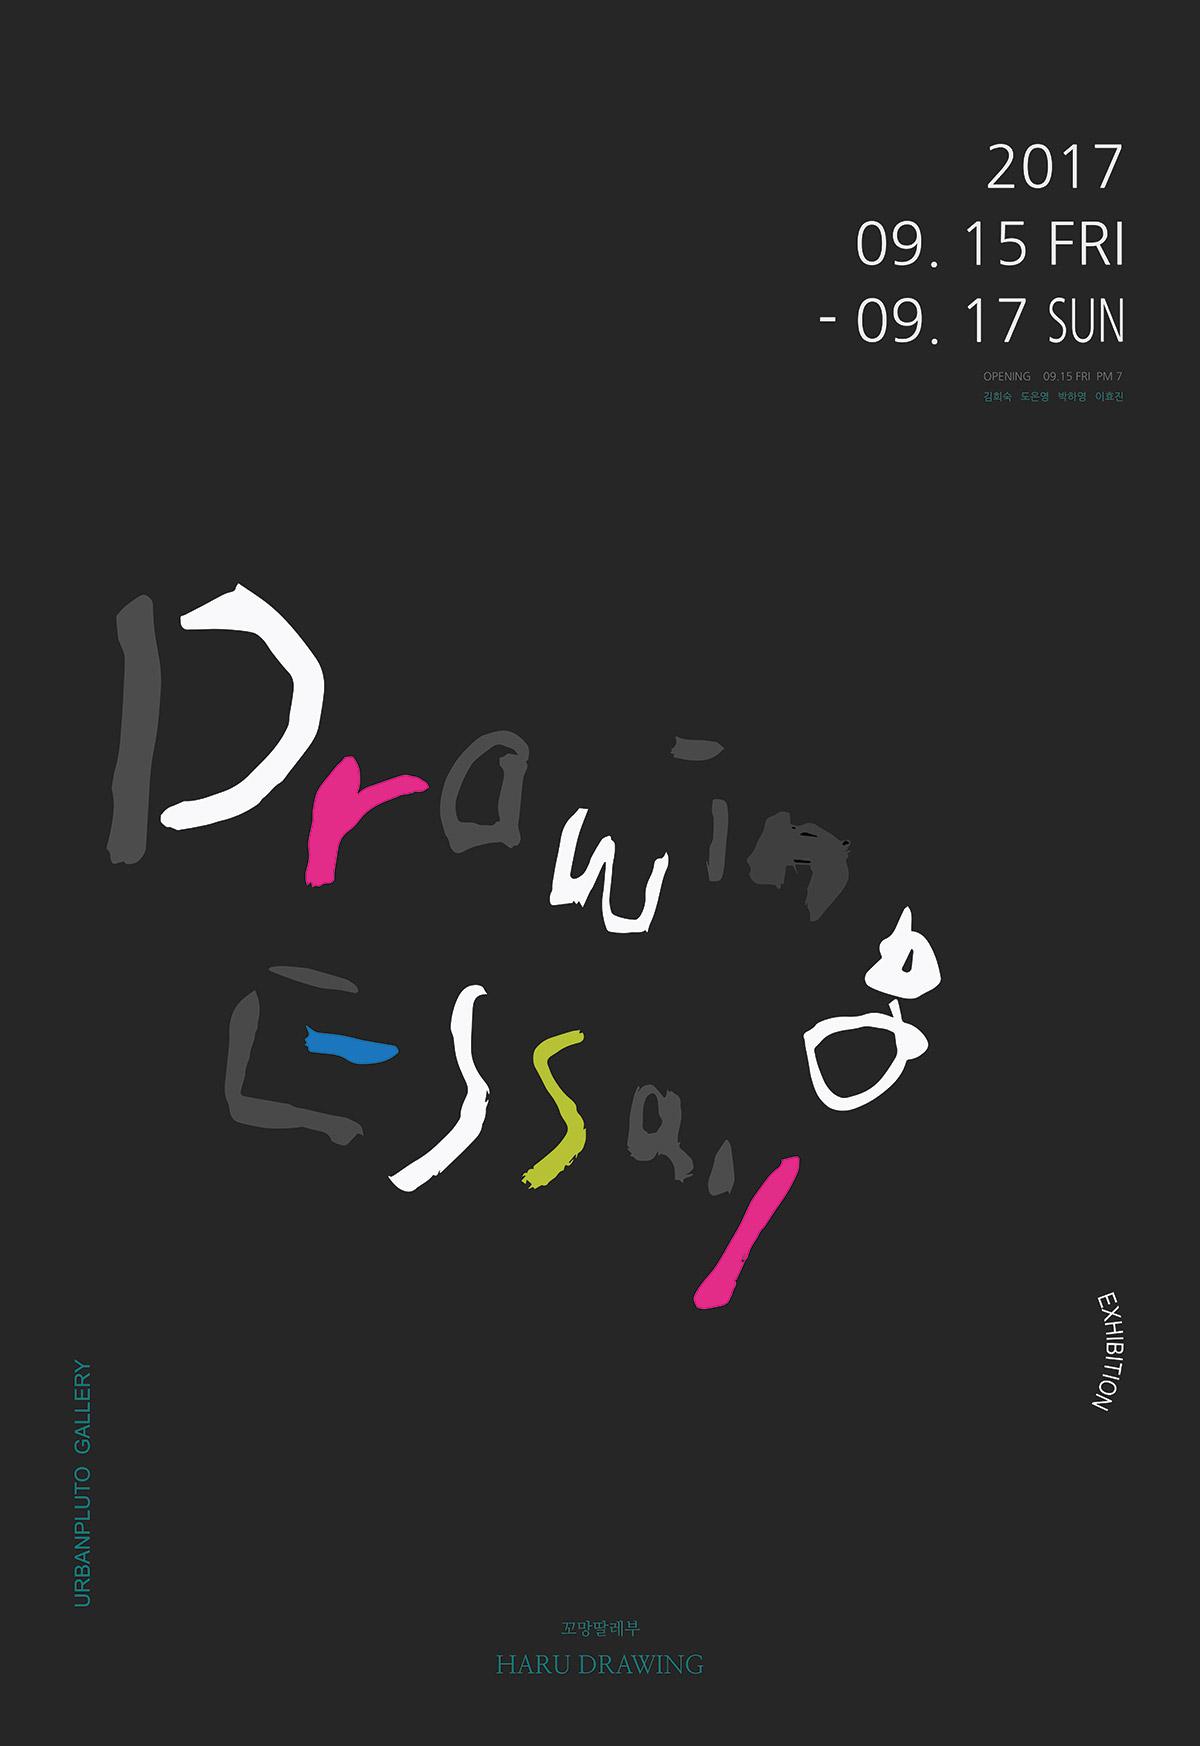 9월의 무료전시 꼬망딸레부 하루드로잉 Drawing Essay 전 포스터